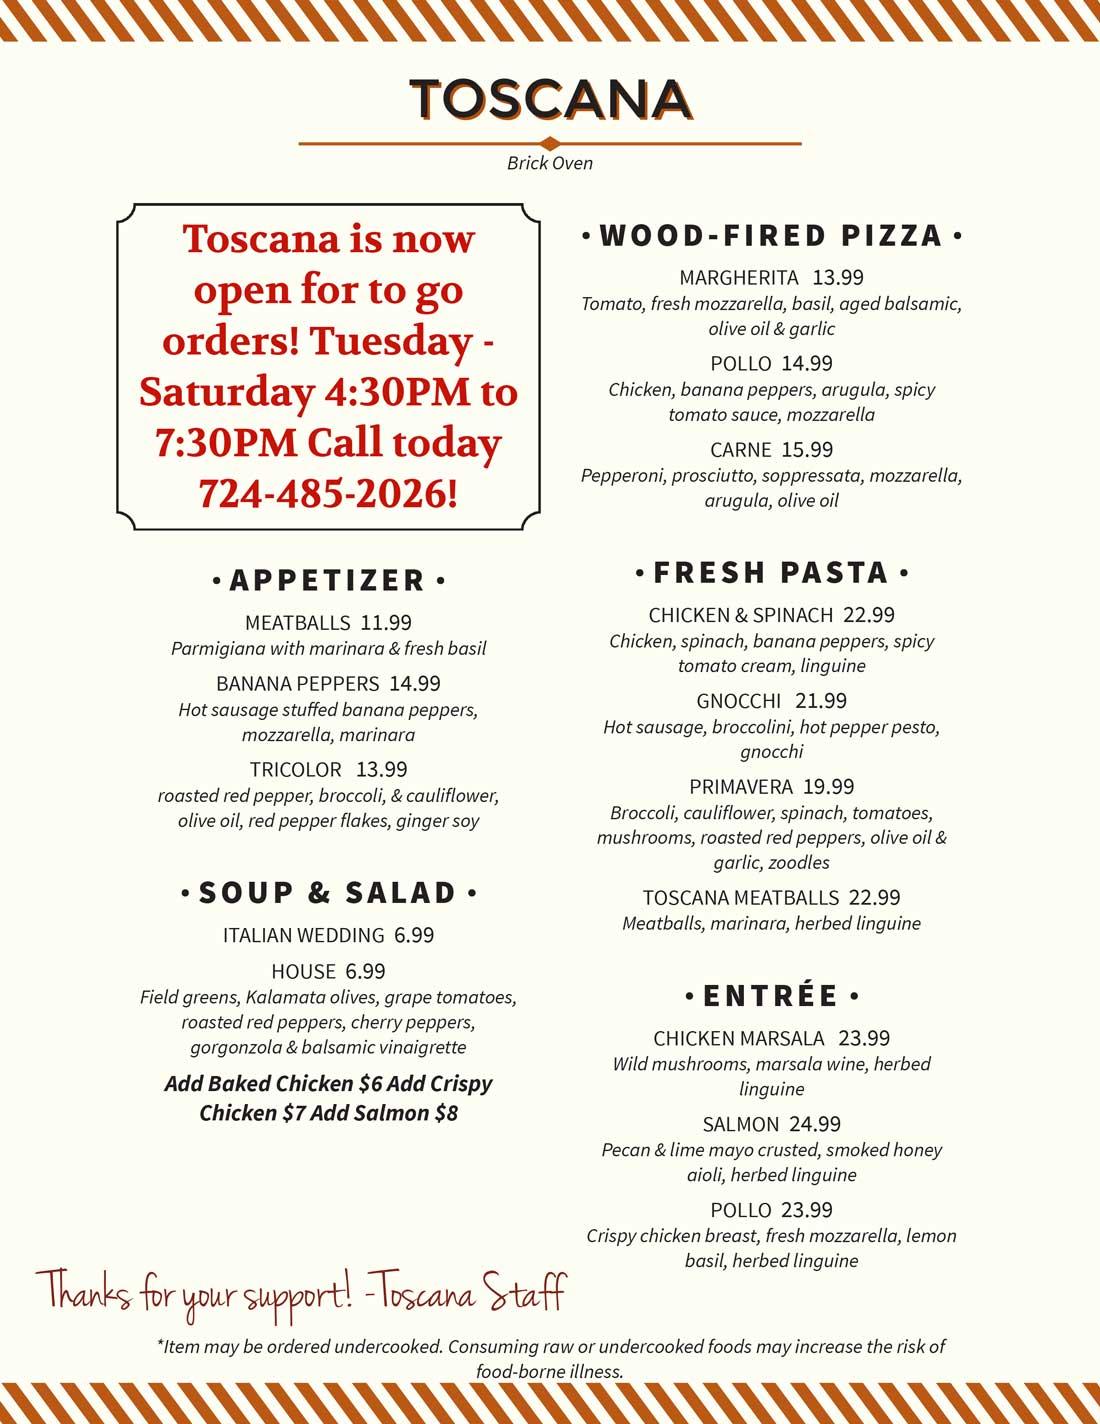 Toscana-Dinner-2020-3-27